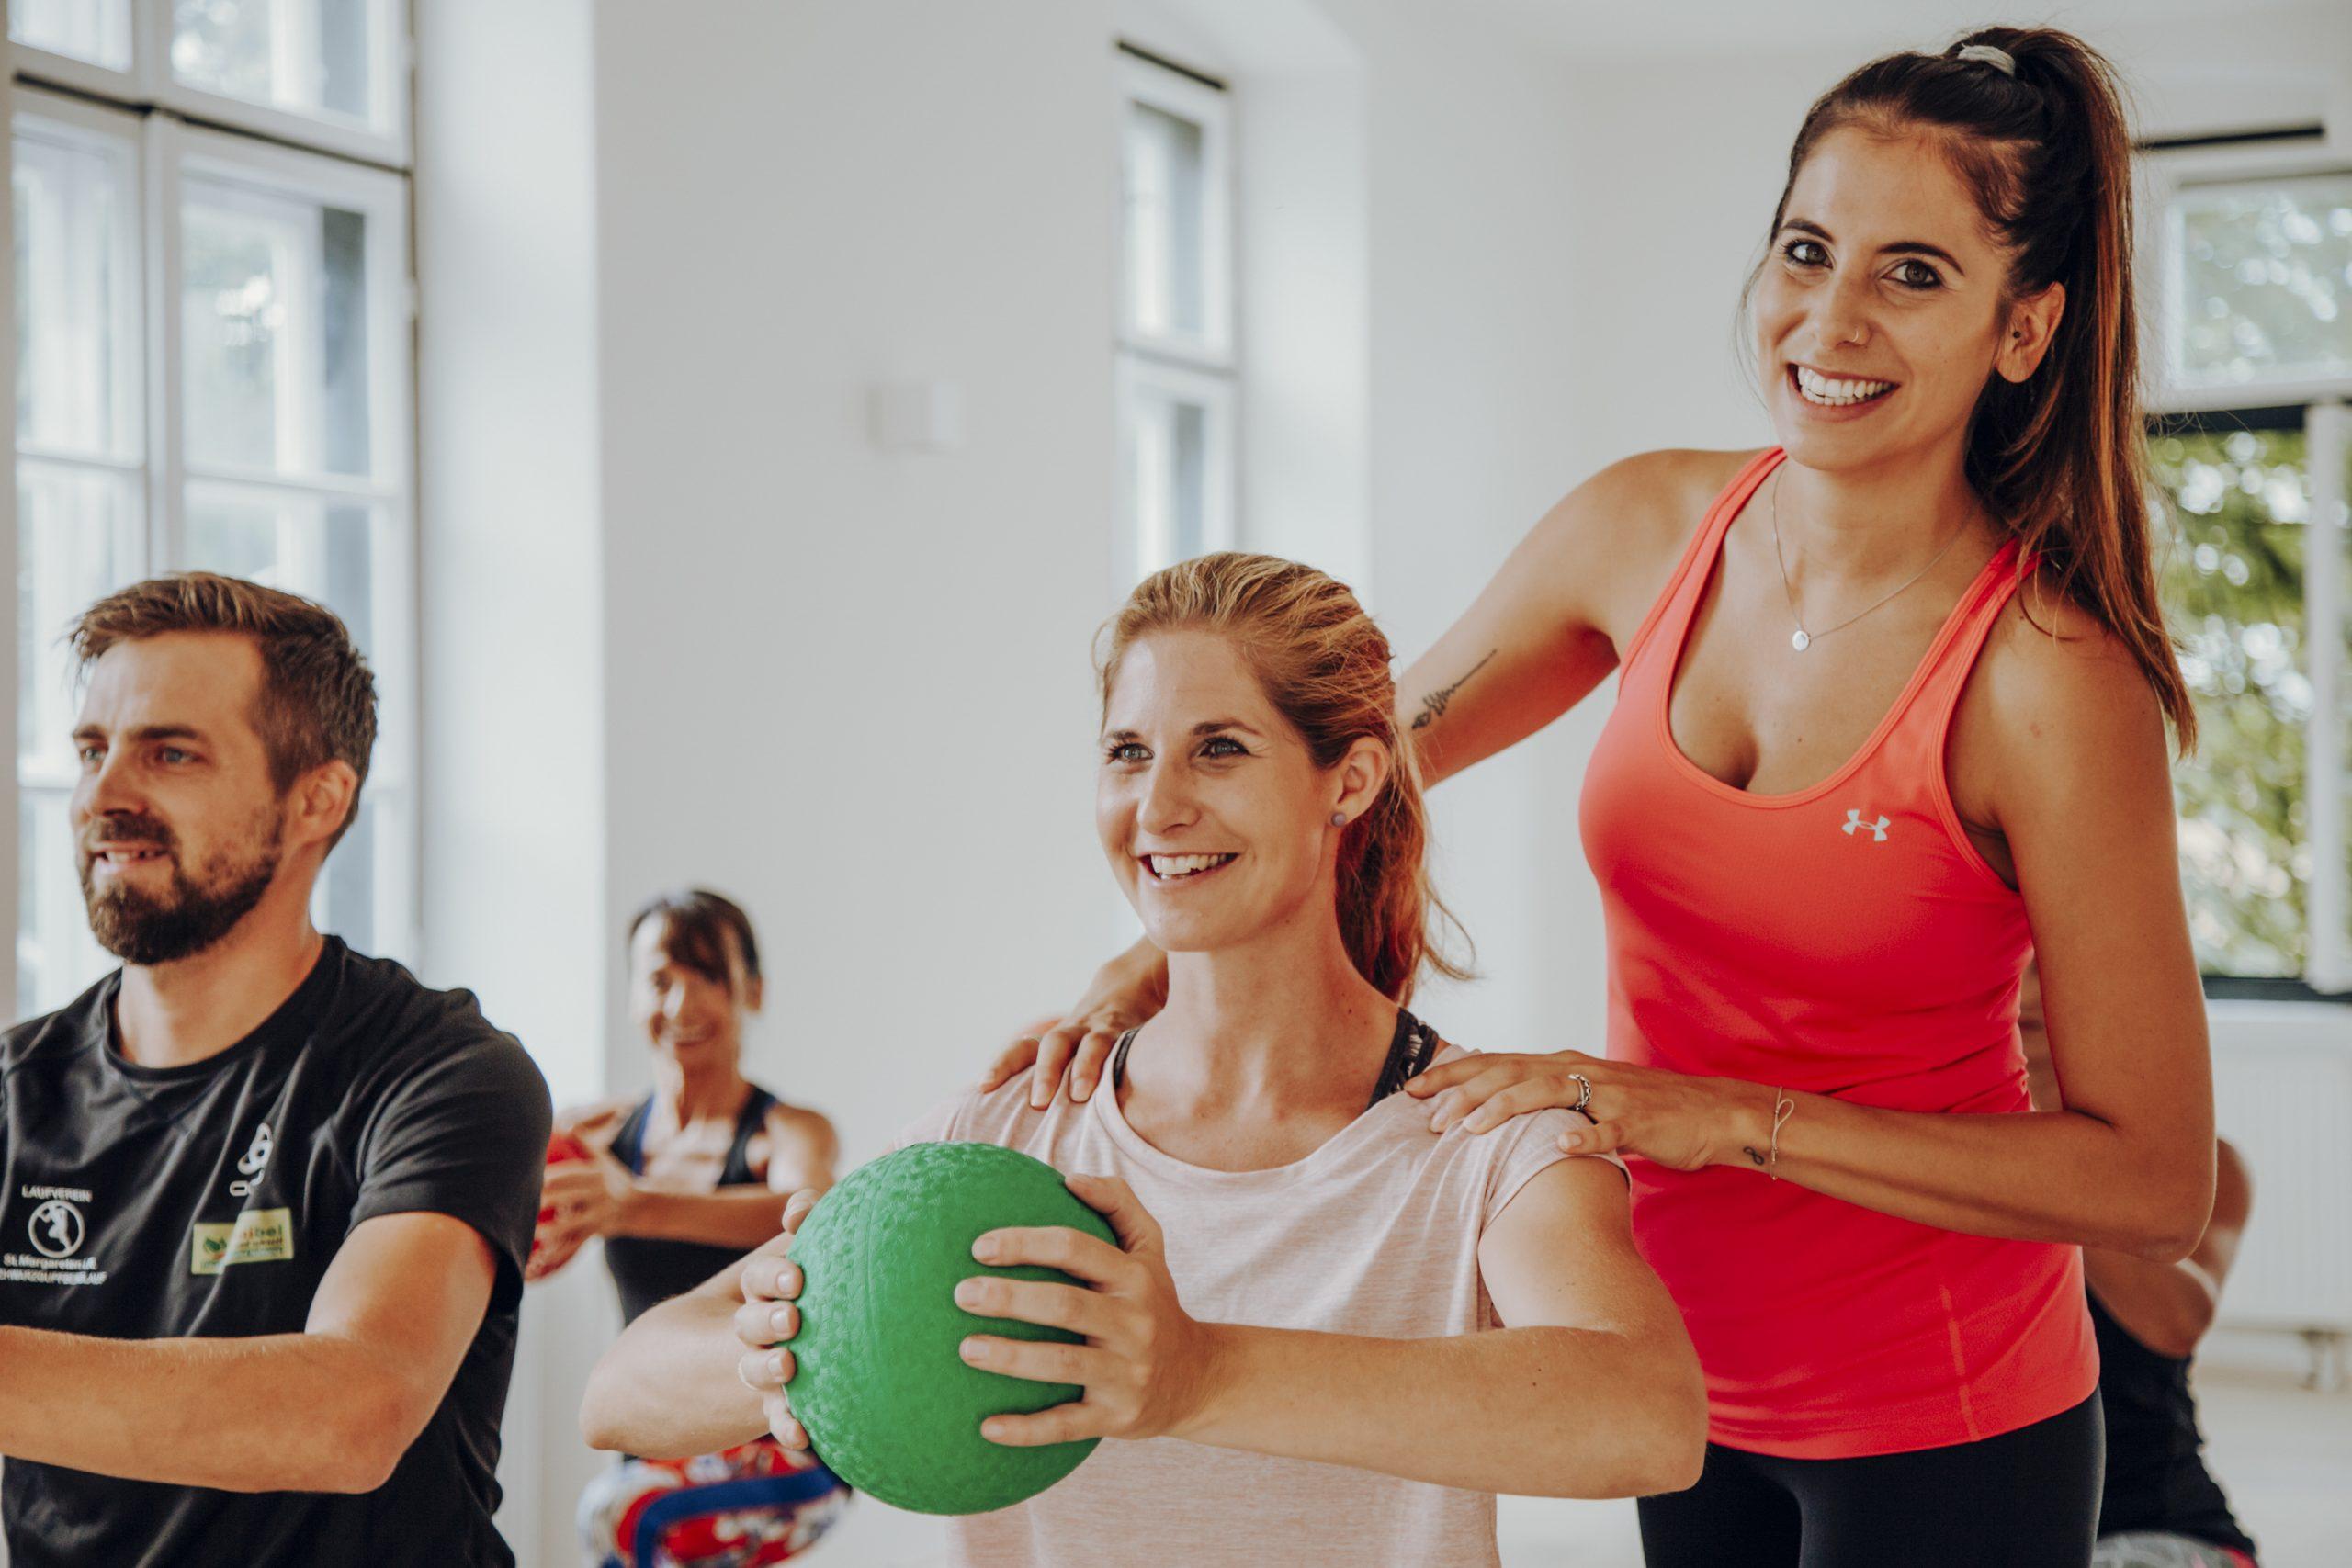 Trainerin steht hinter Frau mit Gymnastikball